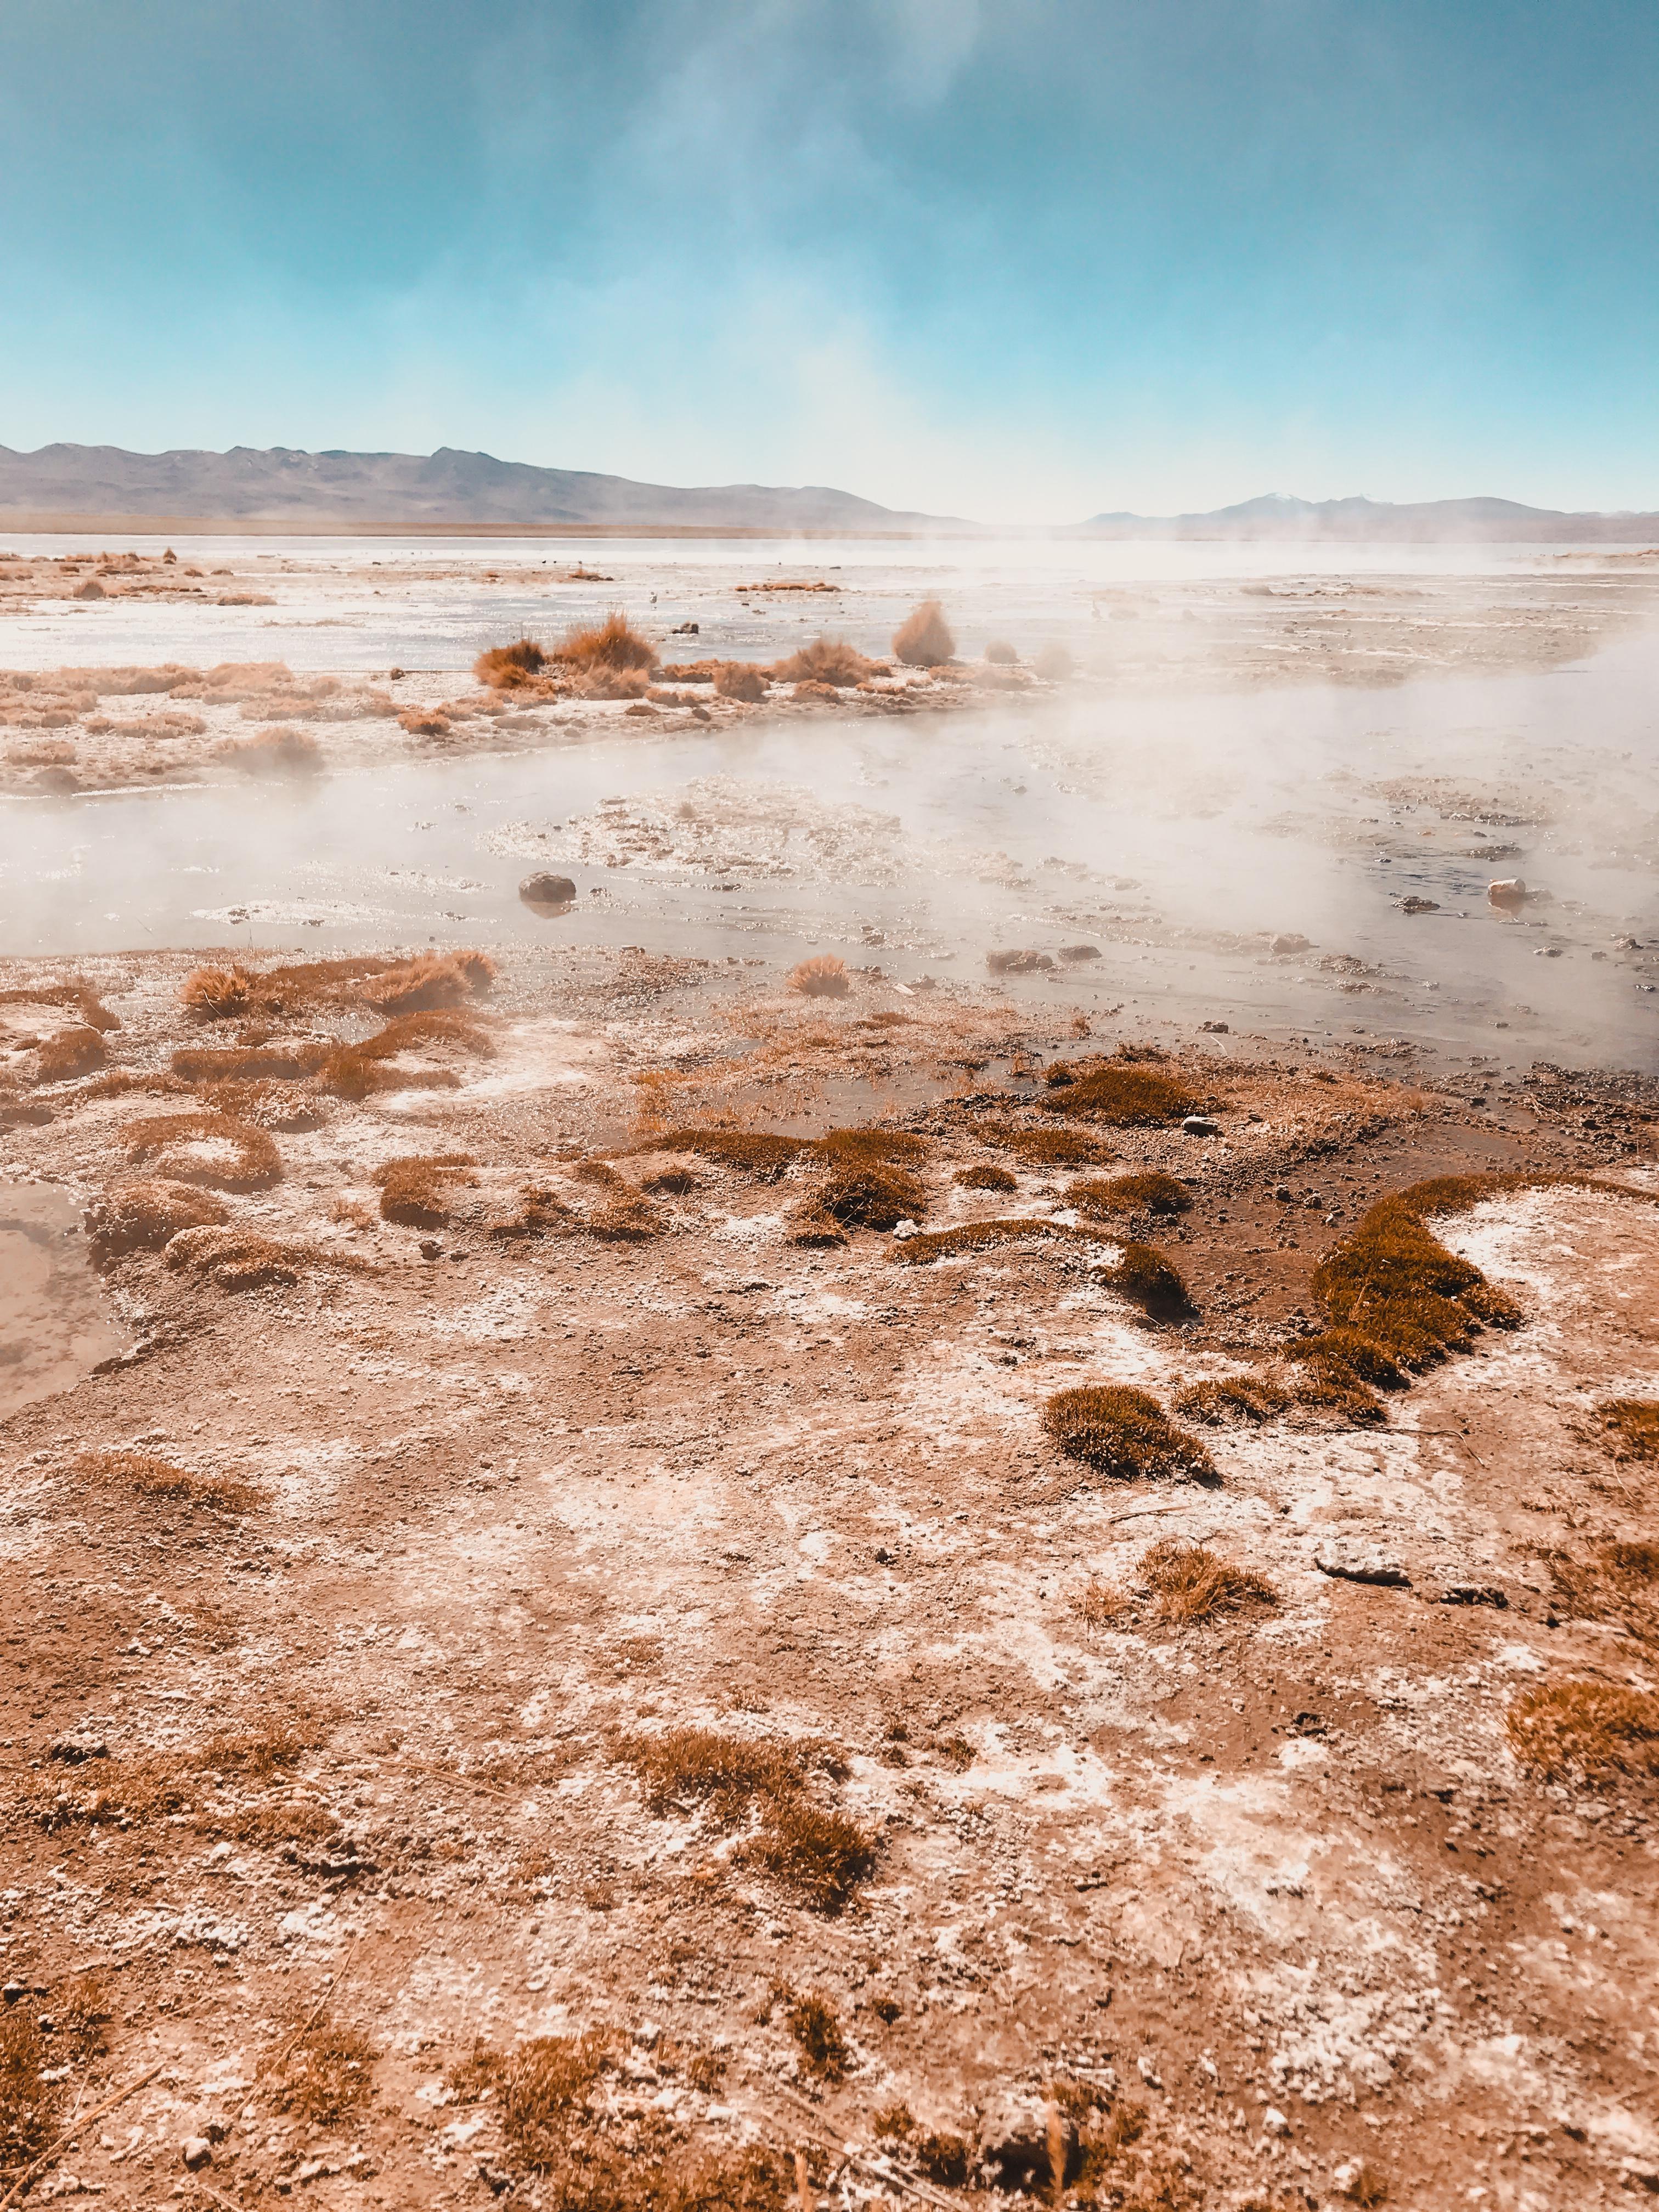 Hot springs in desert